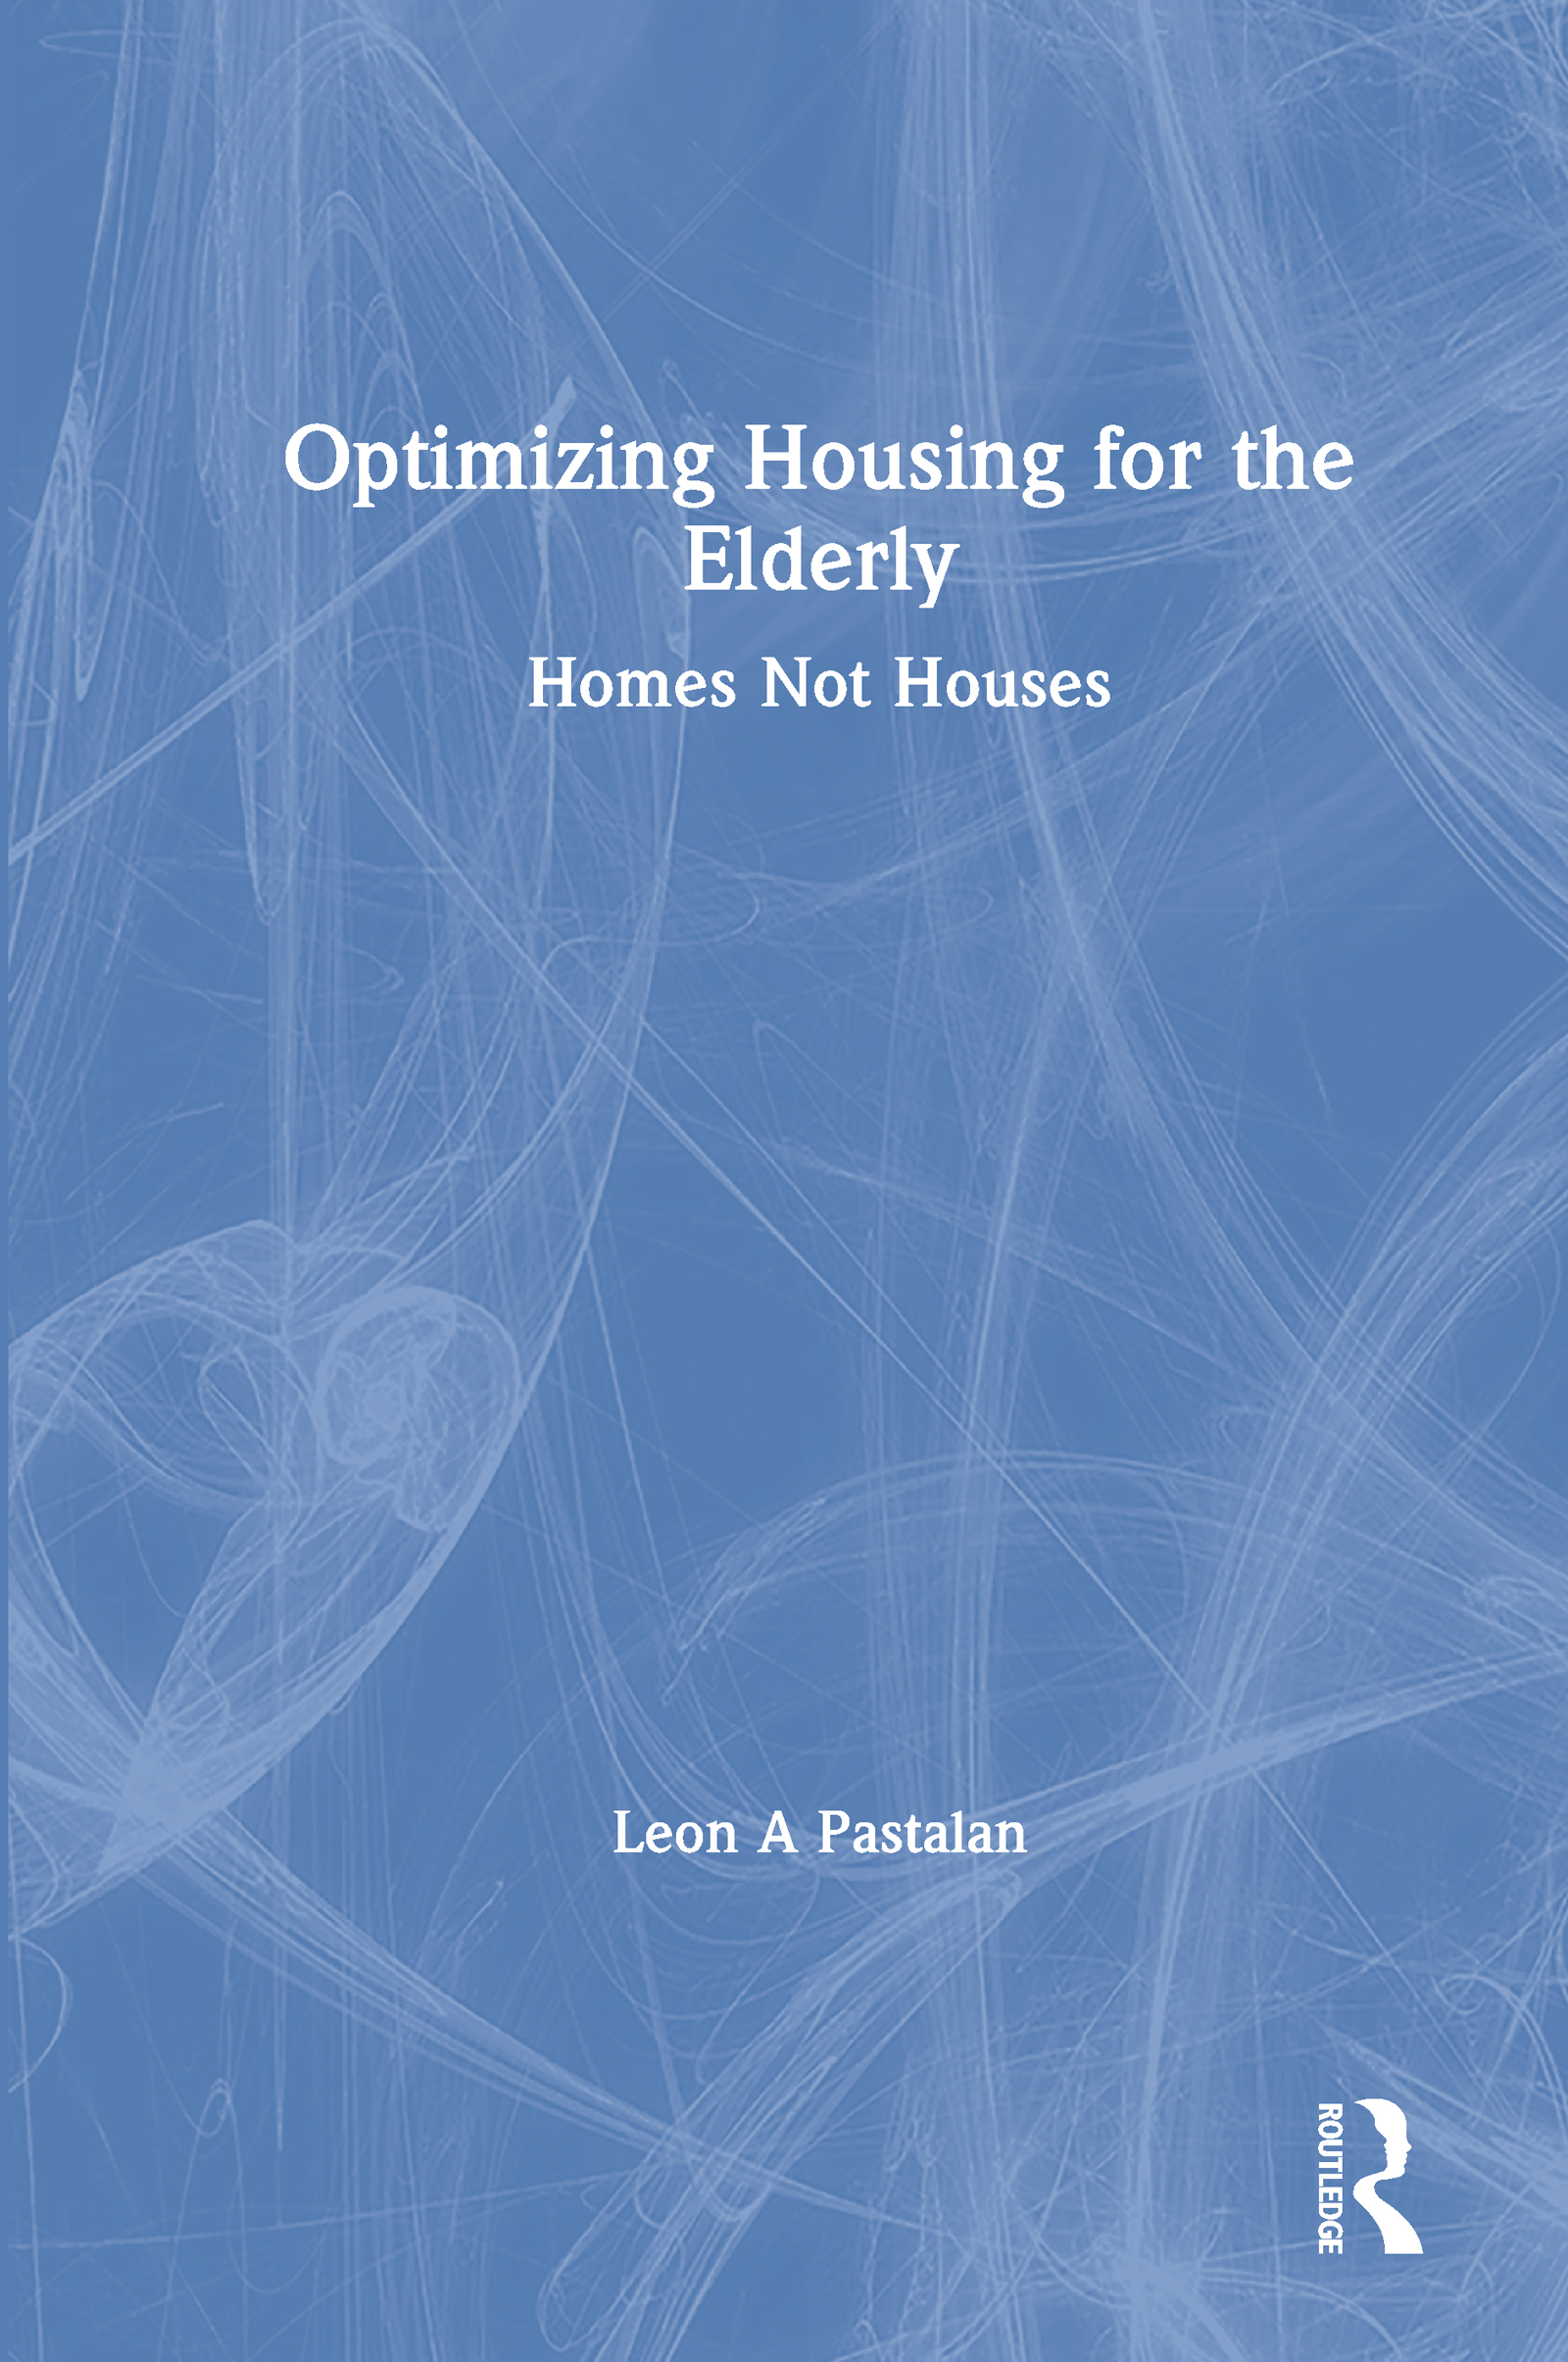 Optimizing Housing for the Elderly